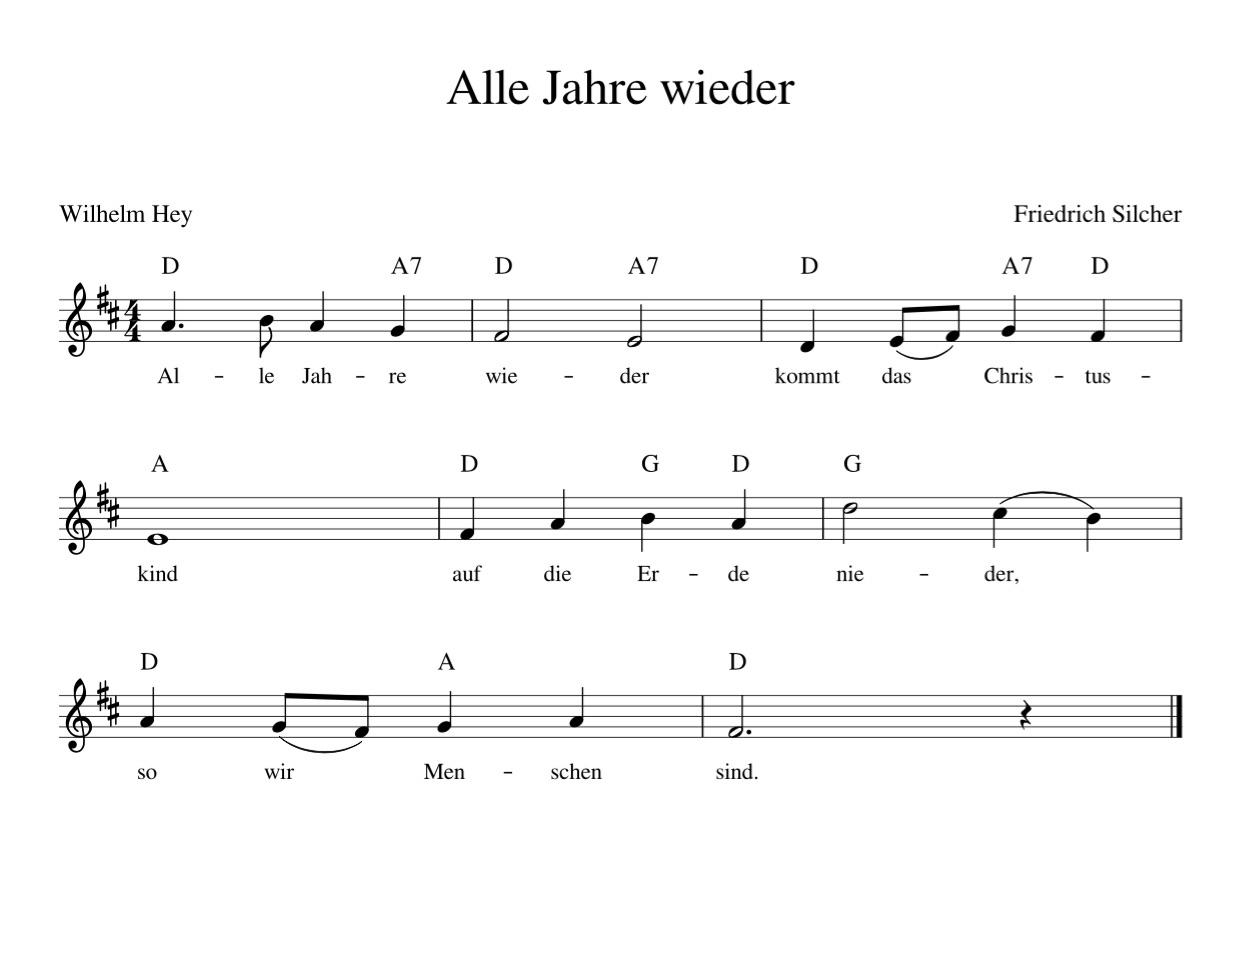 Alle Jahre Wieder - Kinderlieder - Noten - Text bestimmt für Alle Jahre Wieder Klaviernoten Einfach